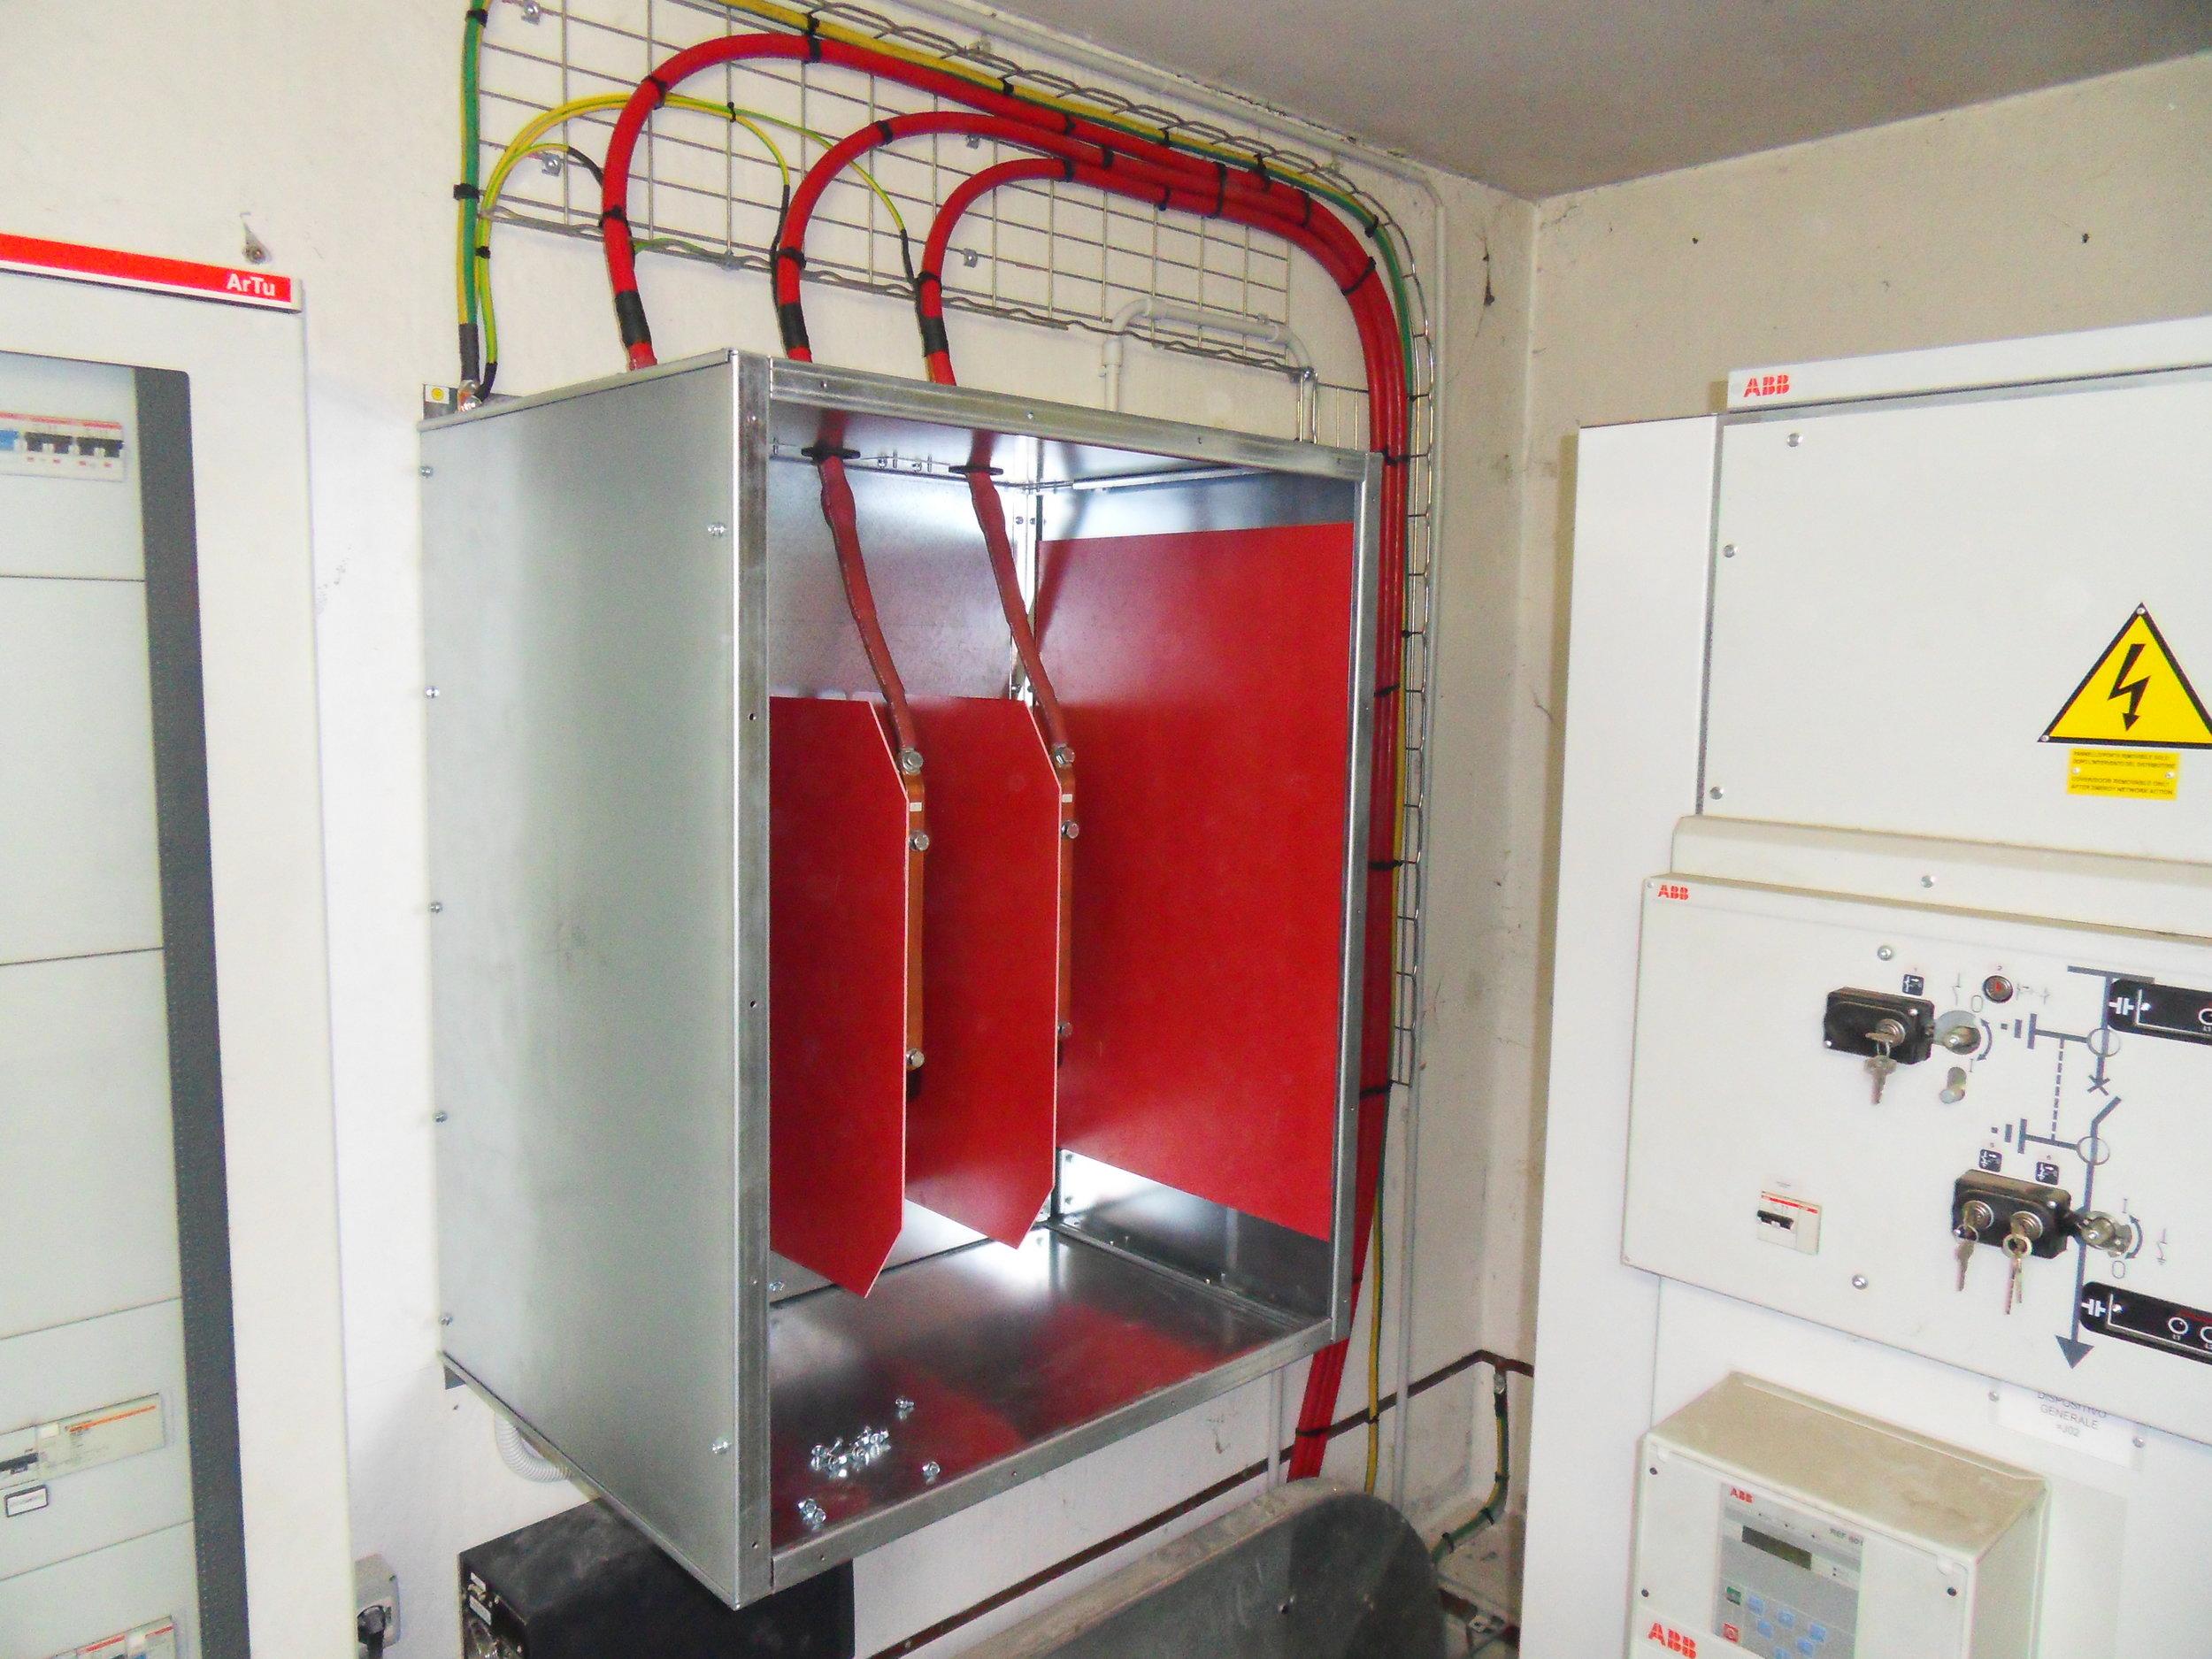 sirp impianti elettrici cabine elettriche cuneo cherasco piemonte progettazione installazione manutenzione sistemi elettriciSDC10201.JPG